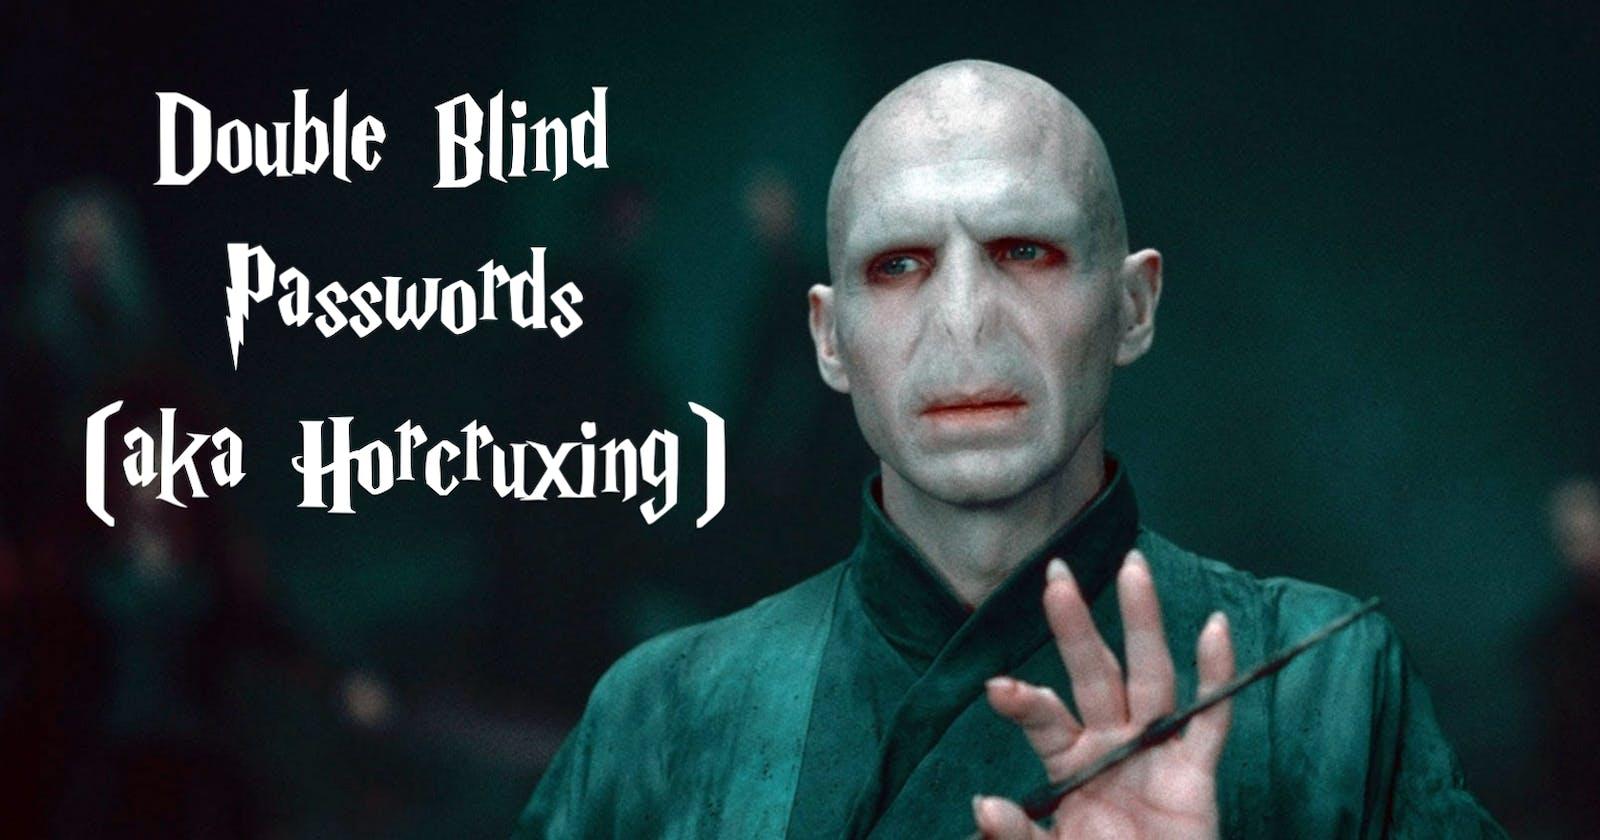 Double Blind Passwords (aka Horcruxing)